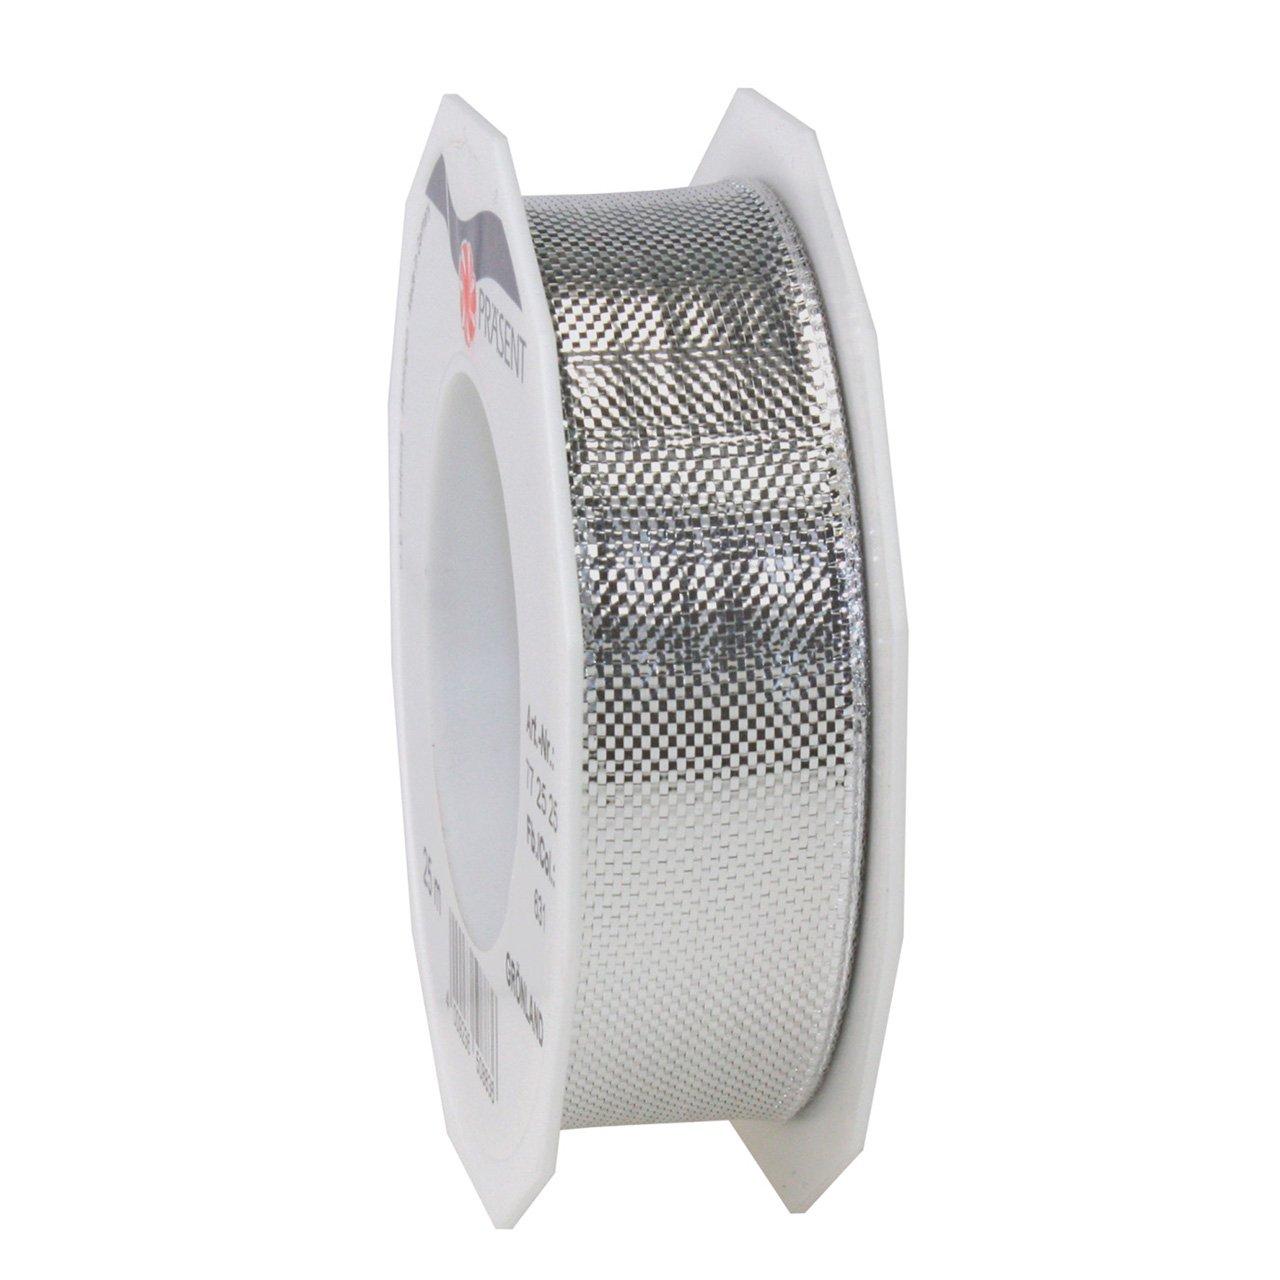 Morex Ribbon 07725/25-631 メタリックグリッマーリボン 1インチ x 27ヤード シルバー   B00QLOL7GU